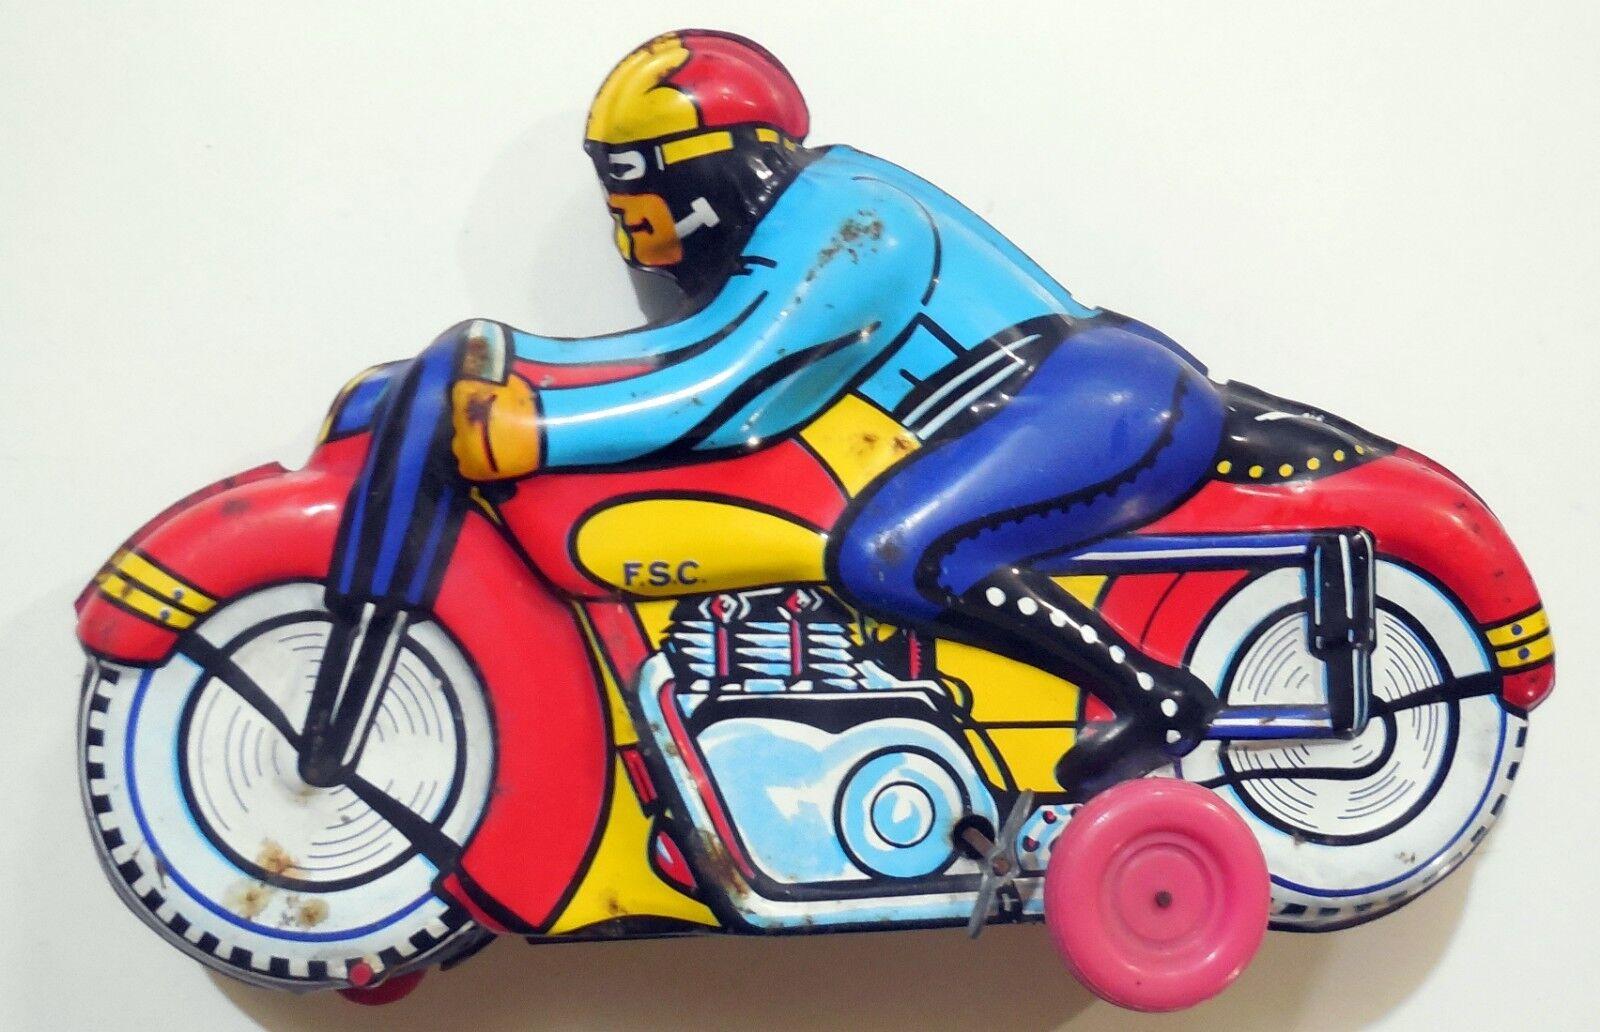 VINTAGE GIOCATTOLO LATTA WIND UP MOTO F.S.C. SIRO FERRARI MADE IN ITALY 1950-60